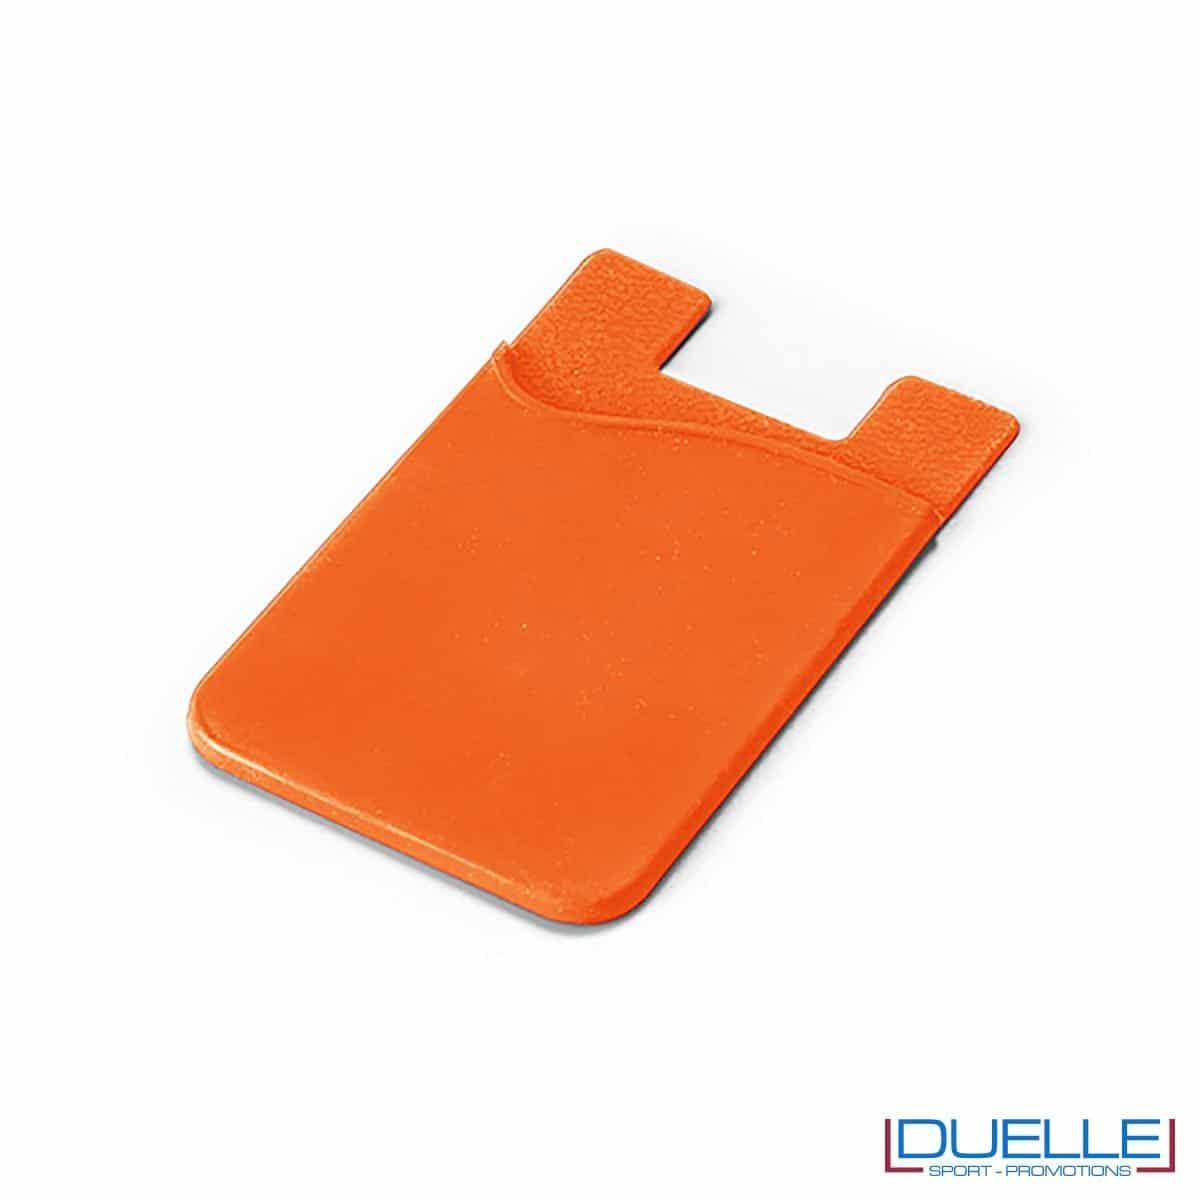 Porta biglietti da visita personalizzato in silicone colore arancione